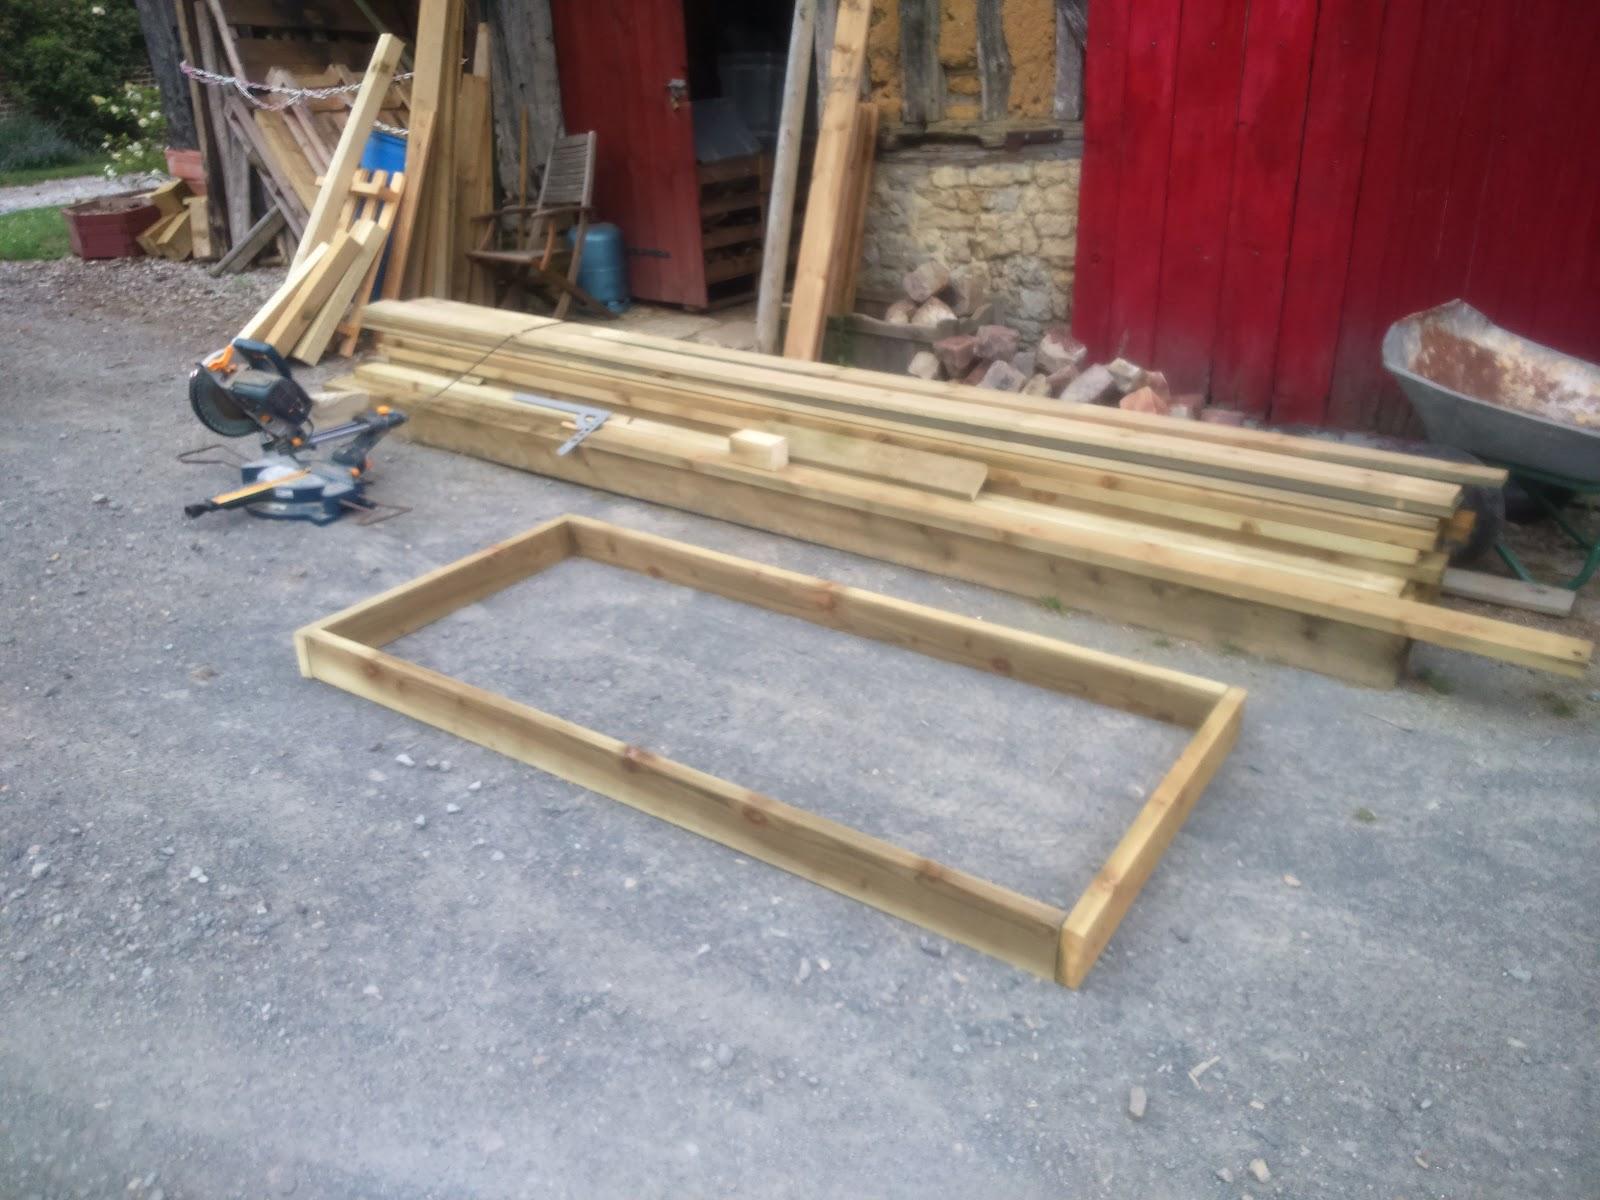 Plan pour fabriquer une table de jardin en bois jsscene - Plan pour fabriquer une table de jardin en bois ...